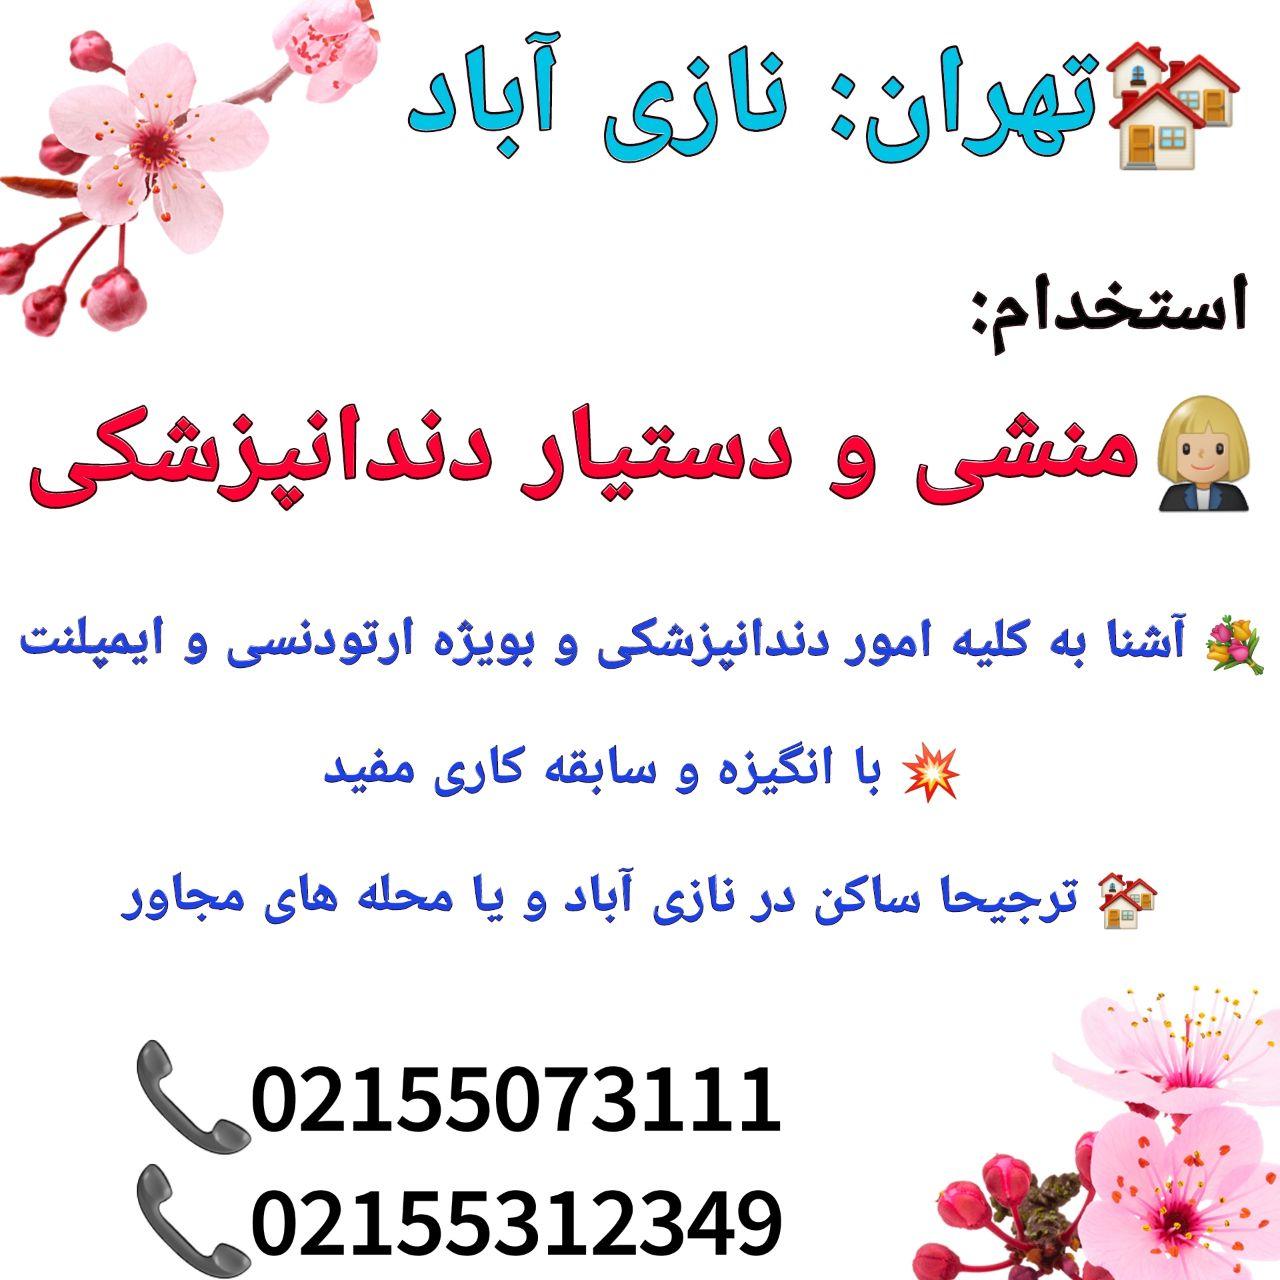 تهران: نازی آباد، نیاز به منشی و دستیار دندانپزشکی